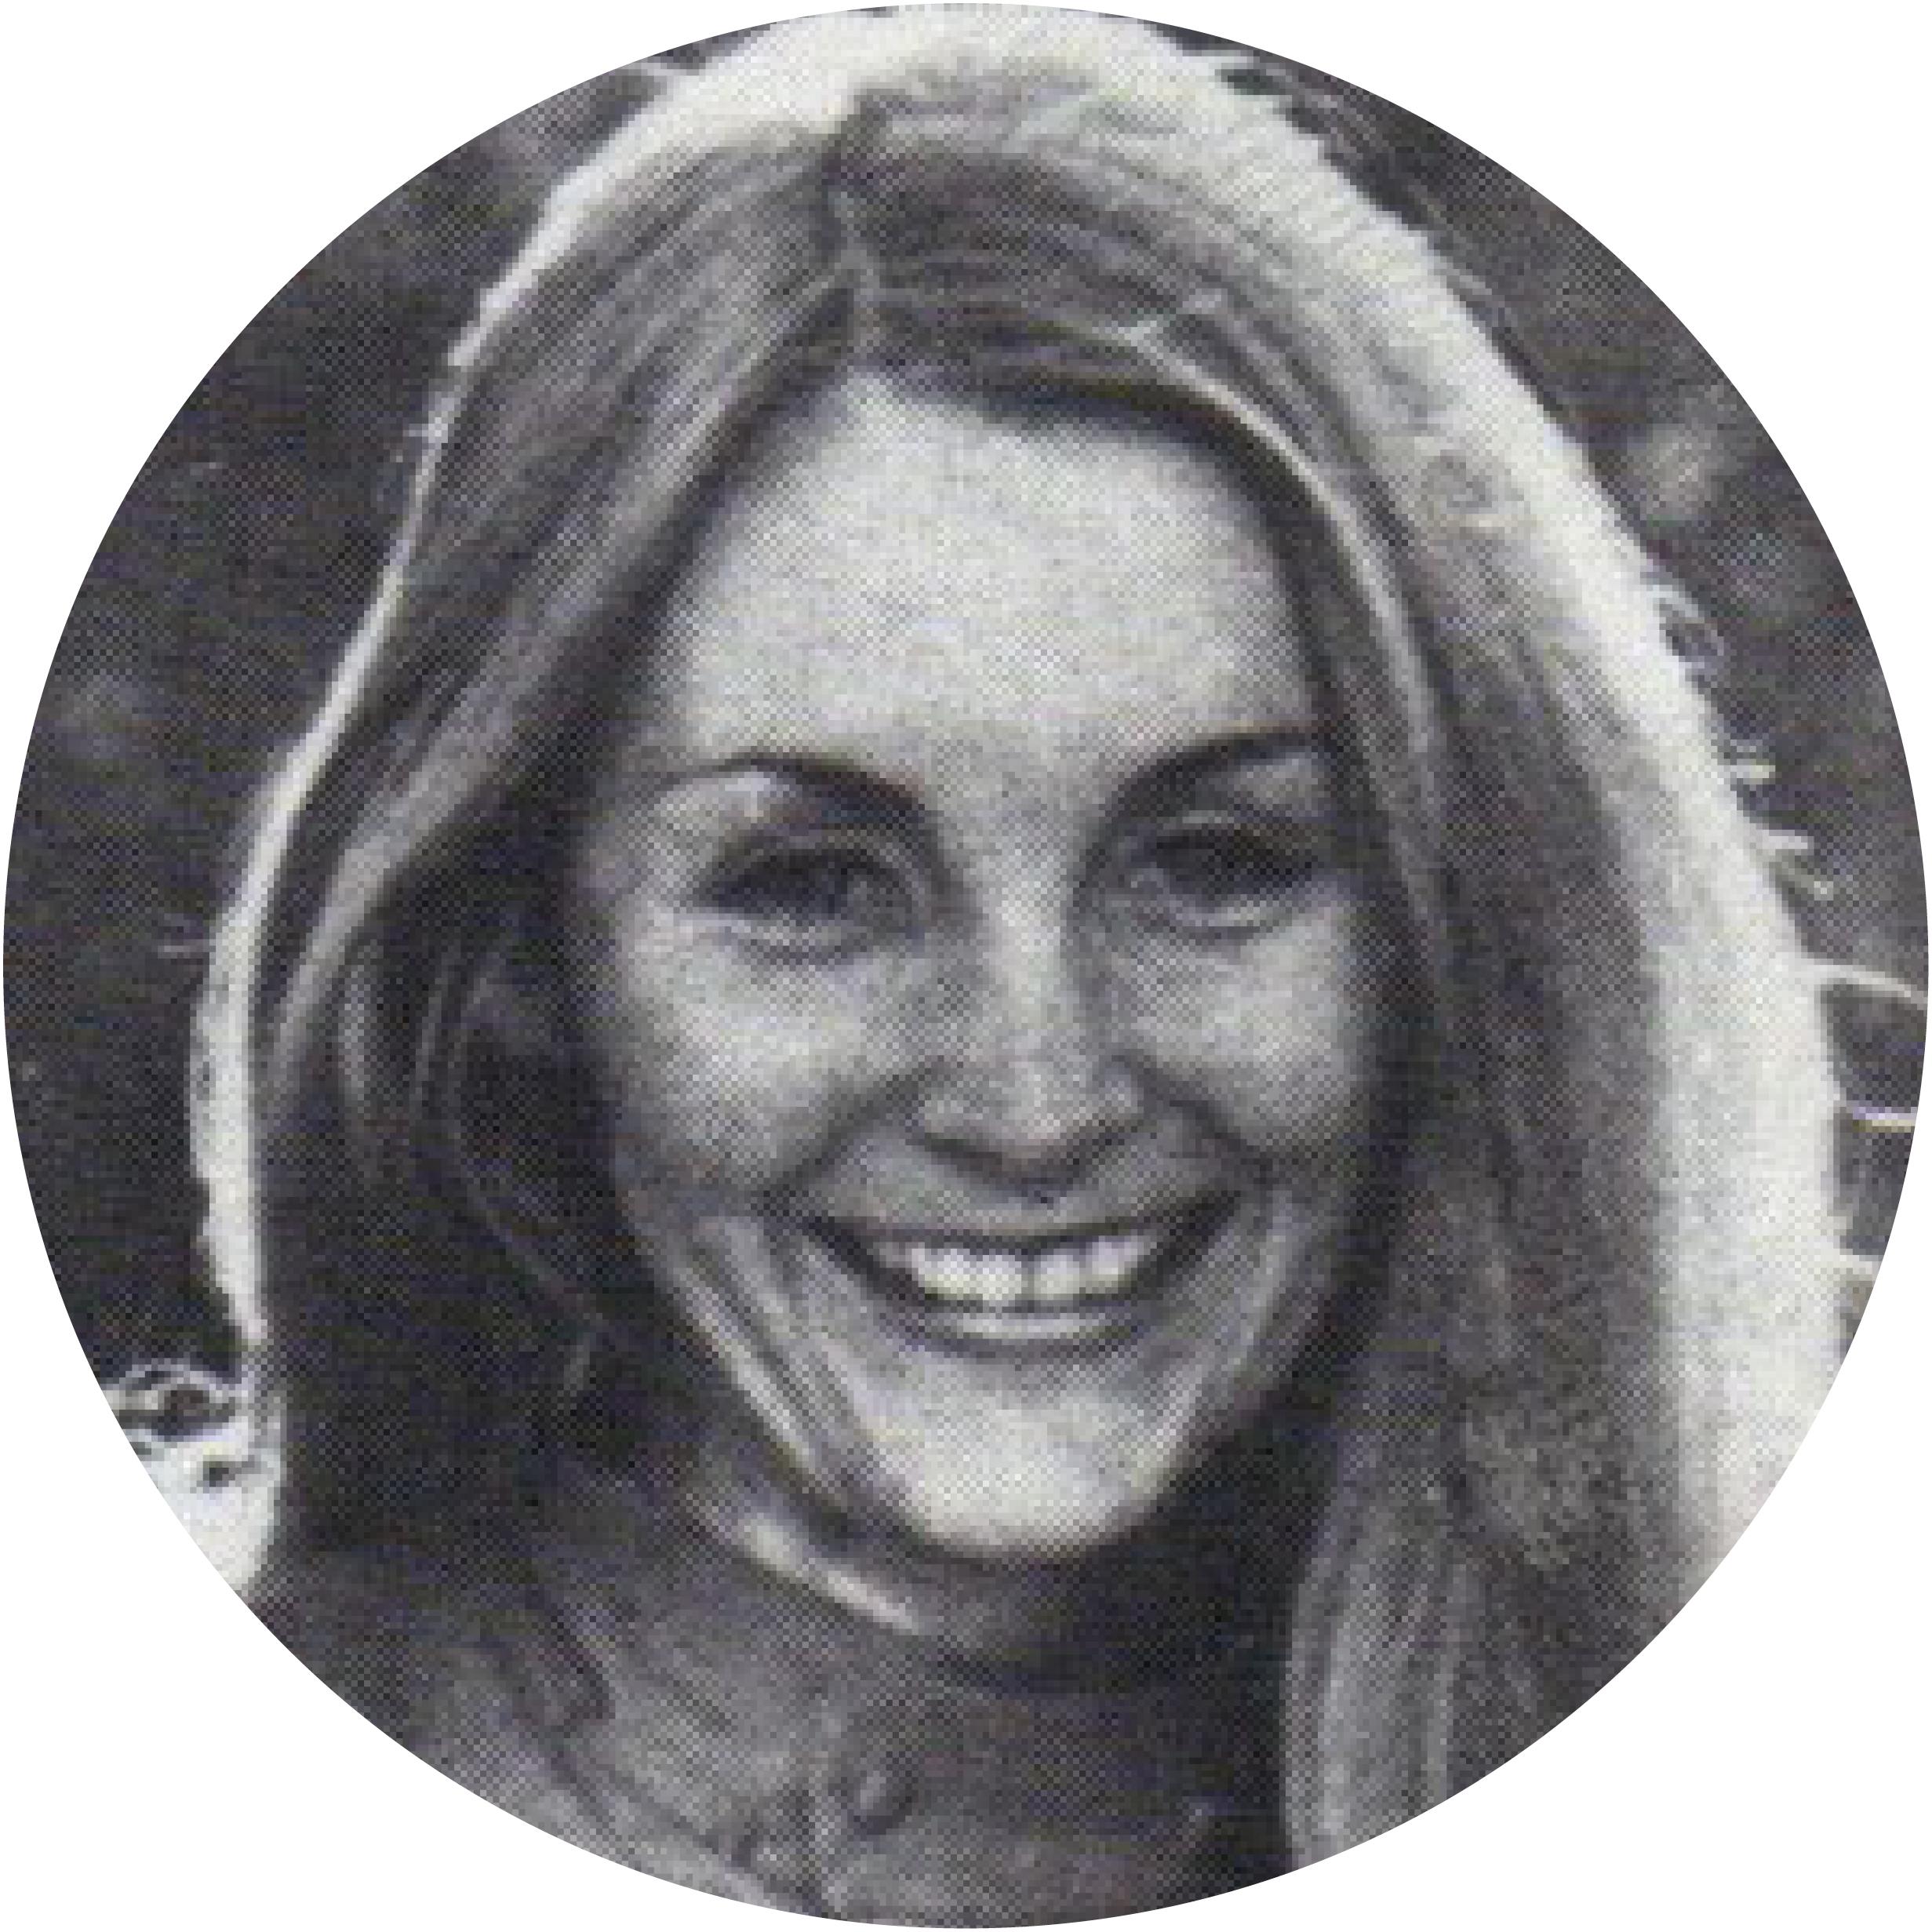 Monica Fairall